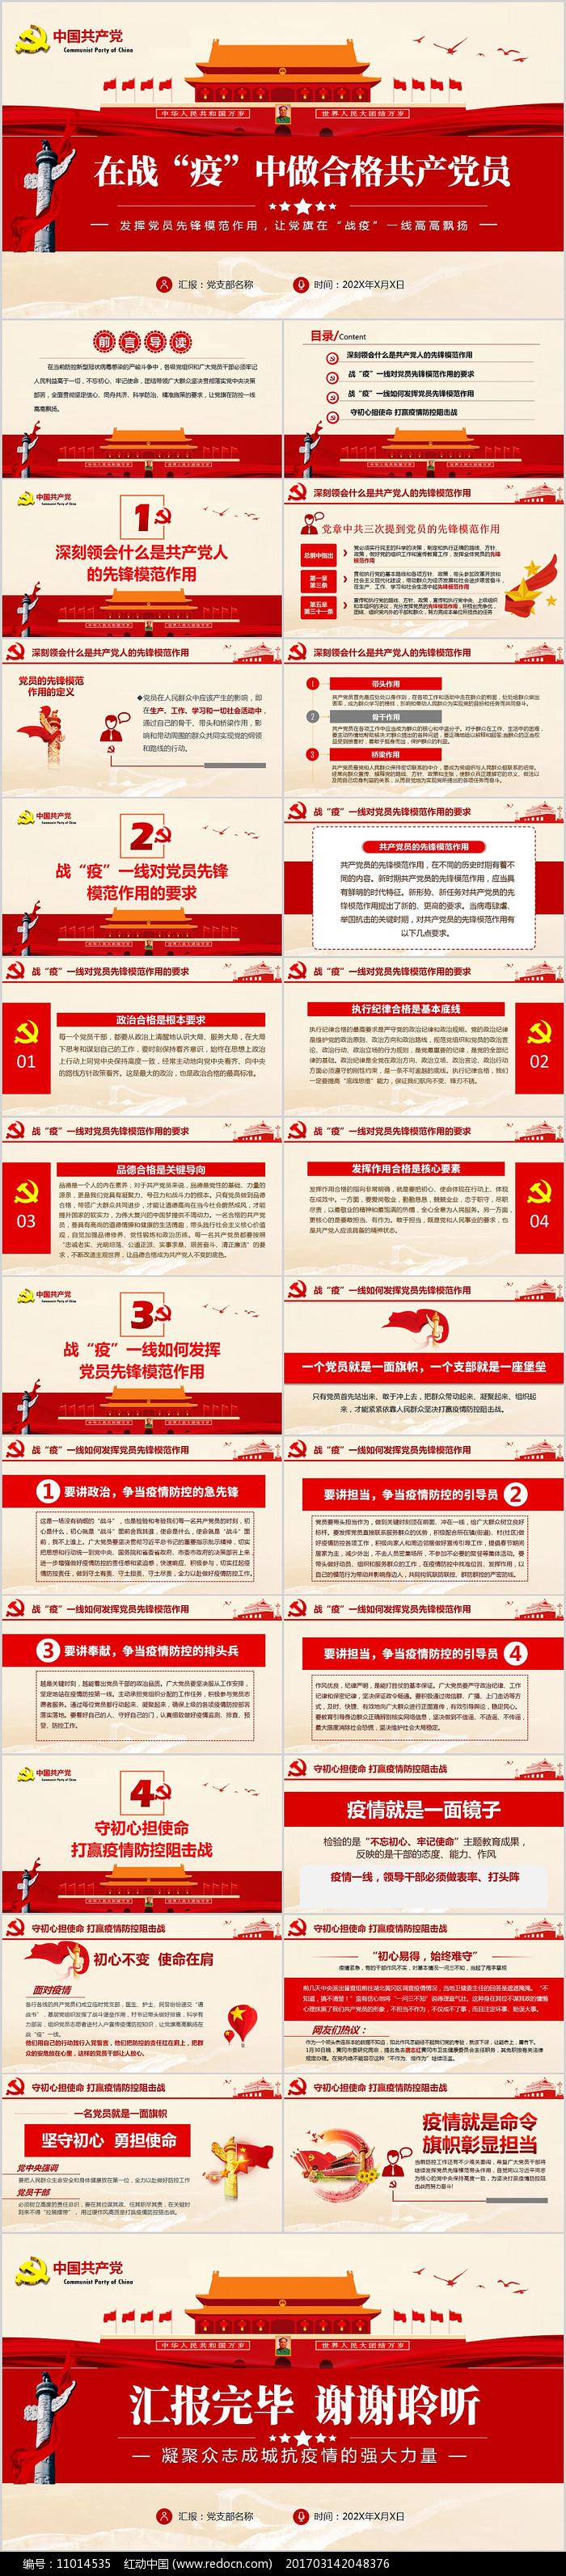 党政做新时代硬核共产党员党建党课ppt图片